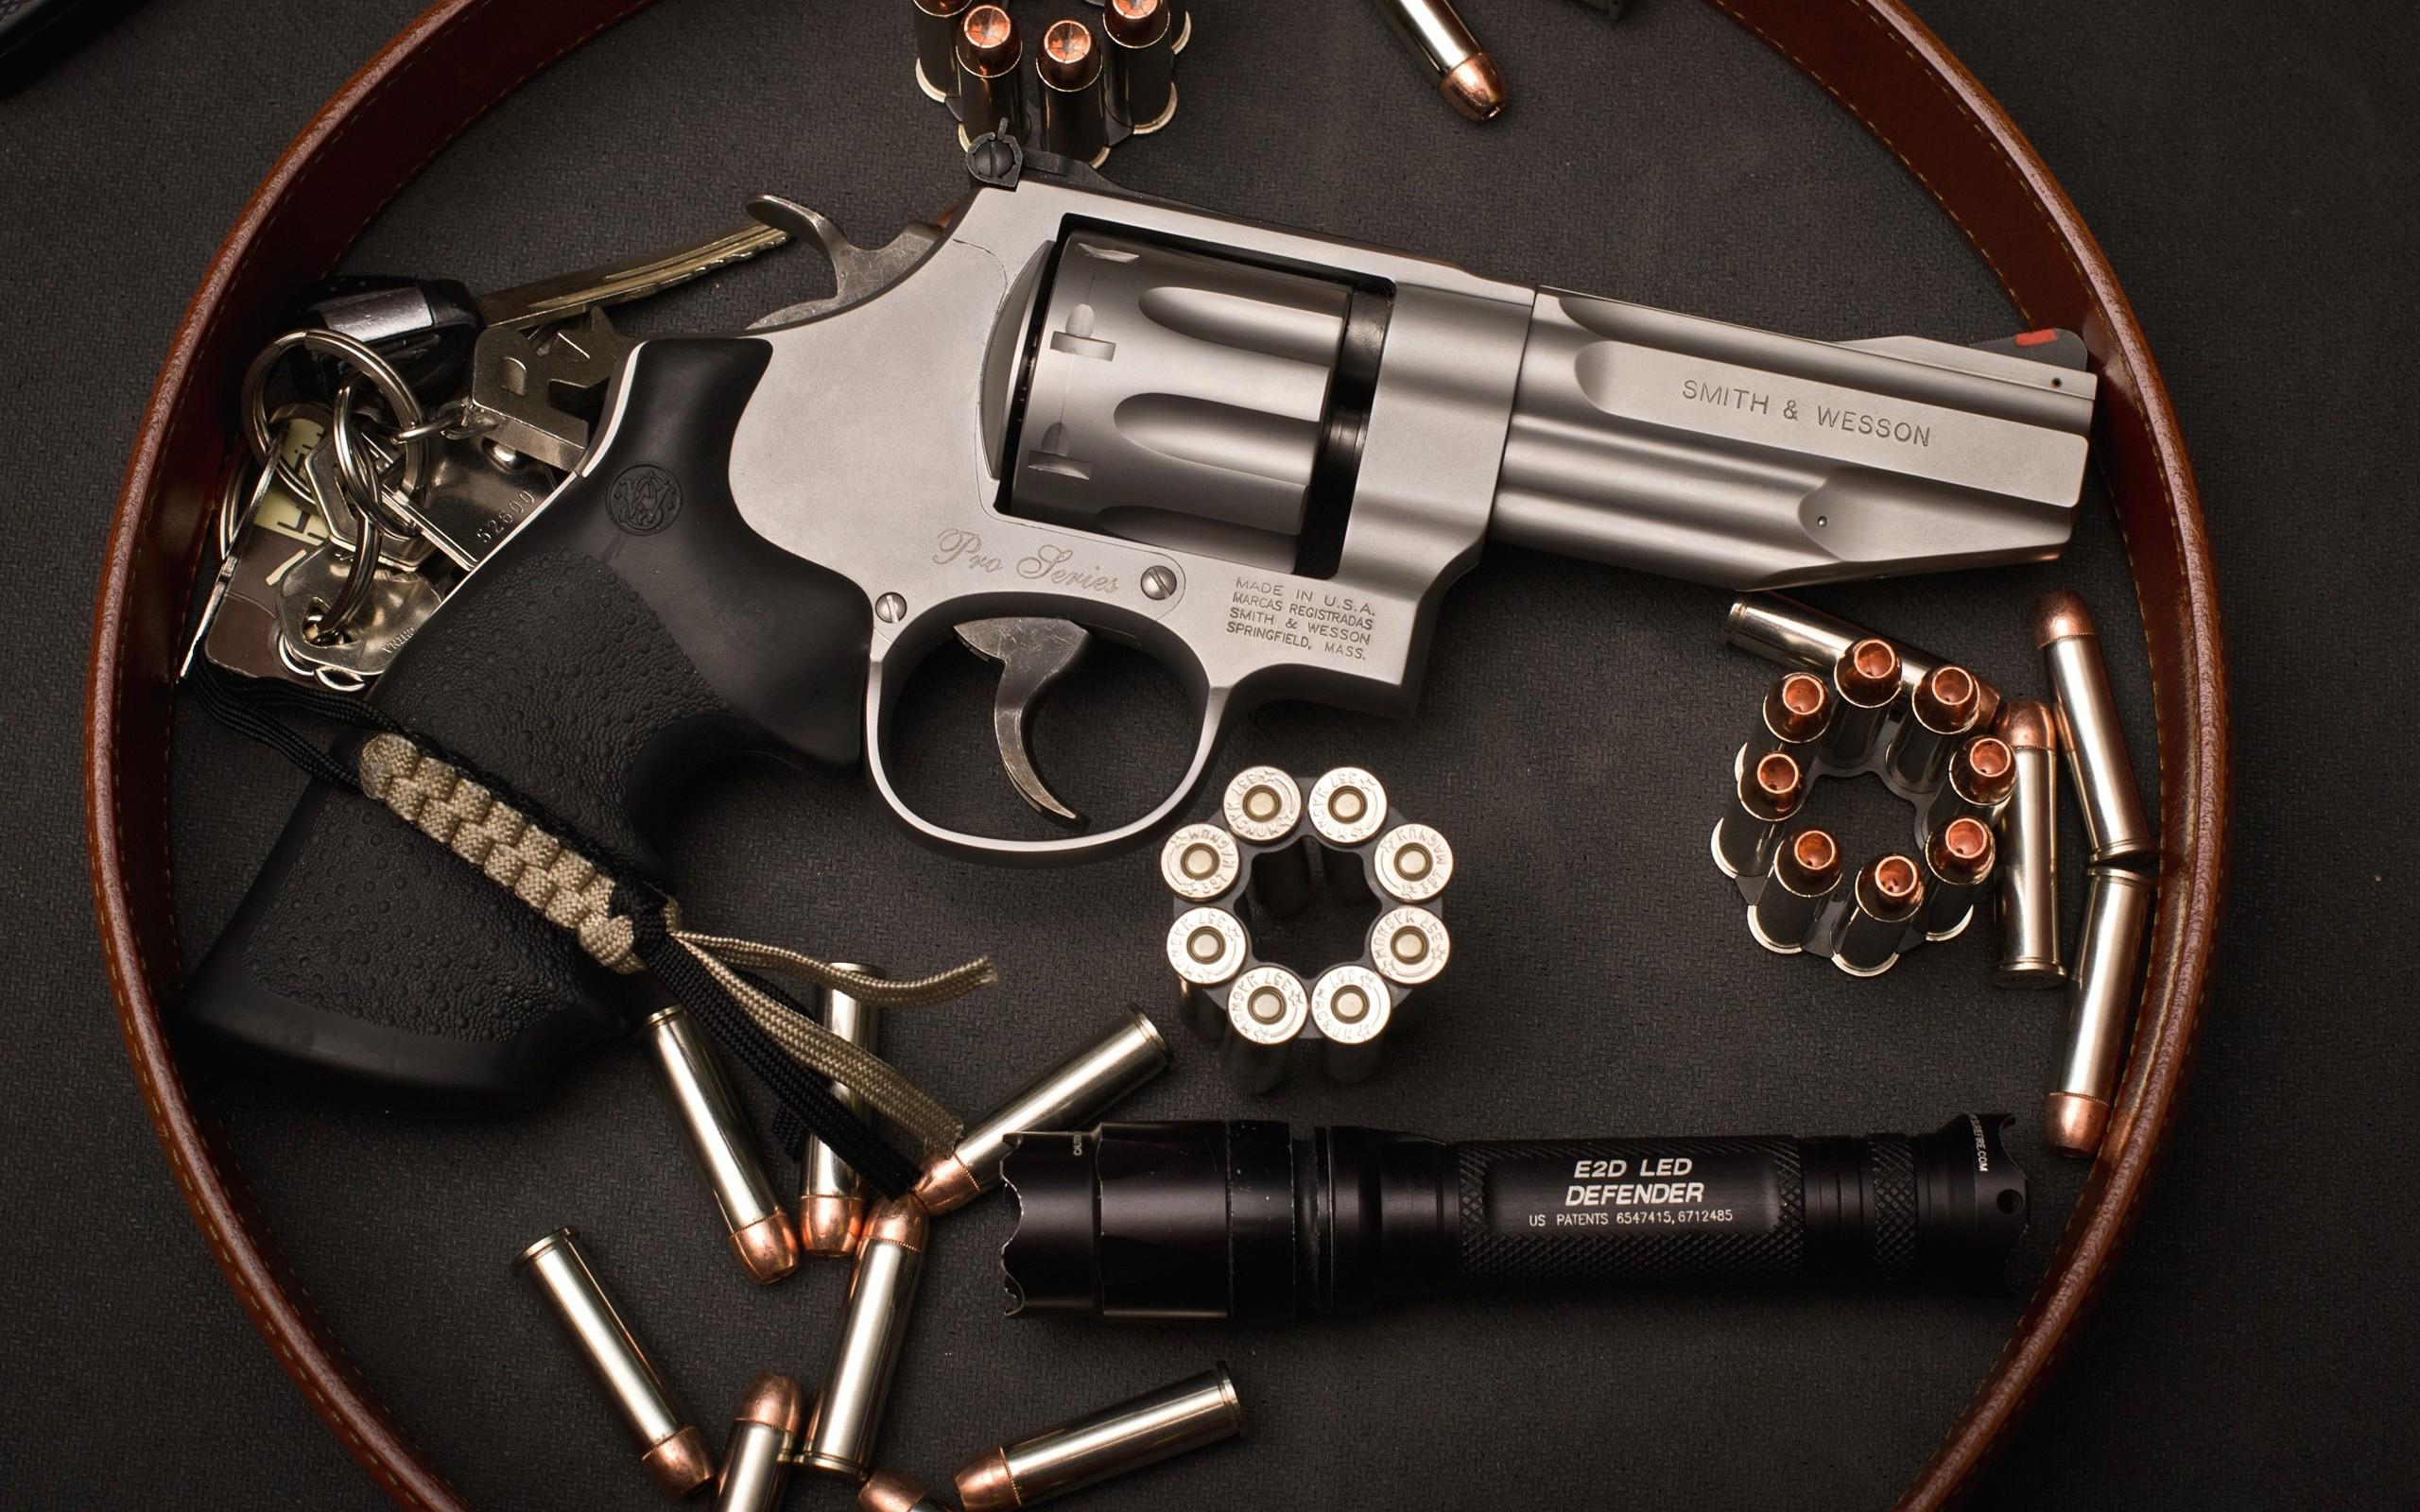 Revolver Smith & Wesson - 2560x1600